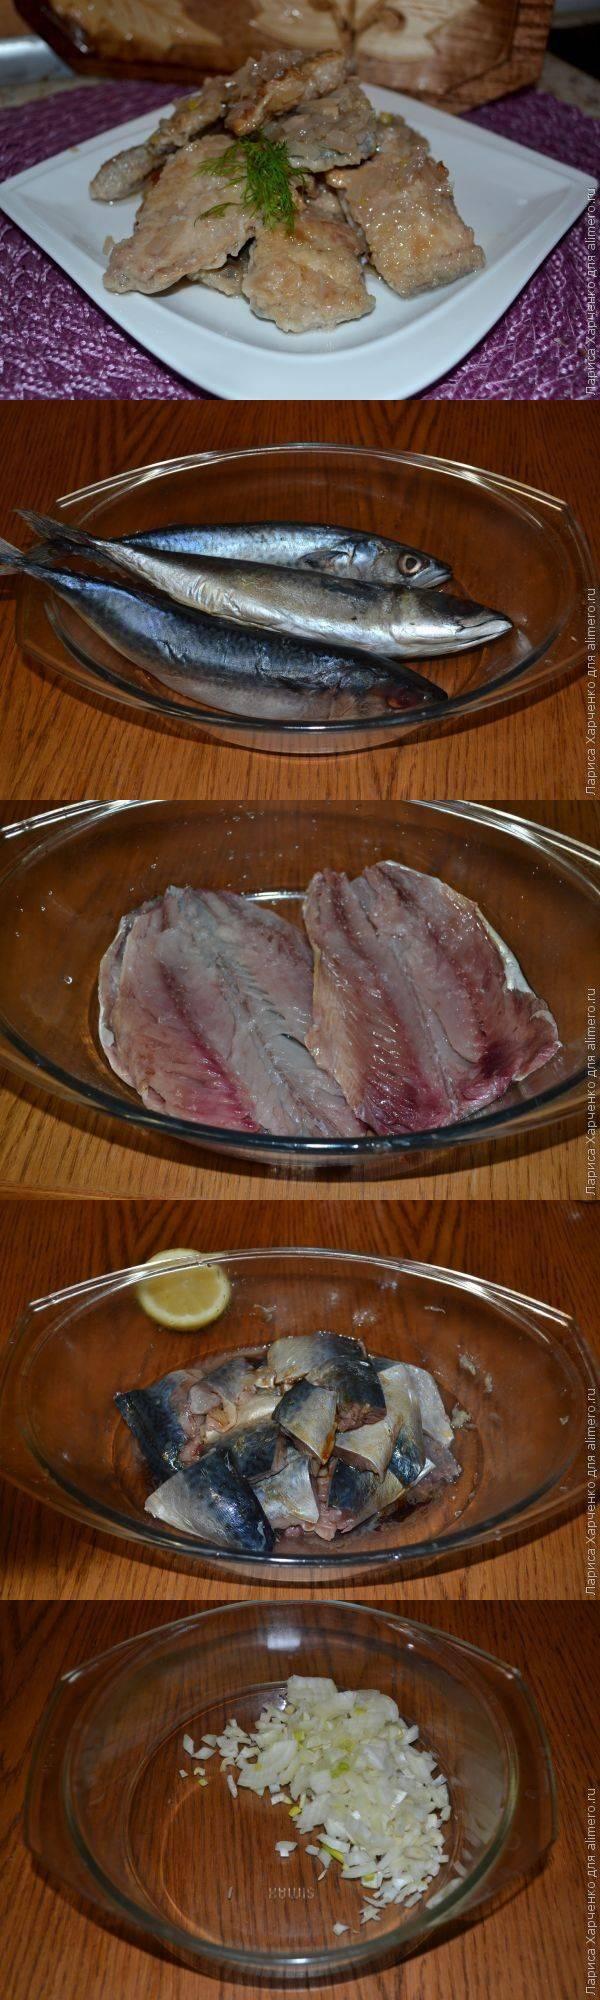 Сугудай из скумбрии рецепт пошагово